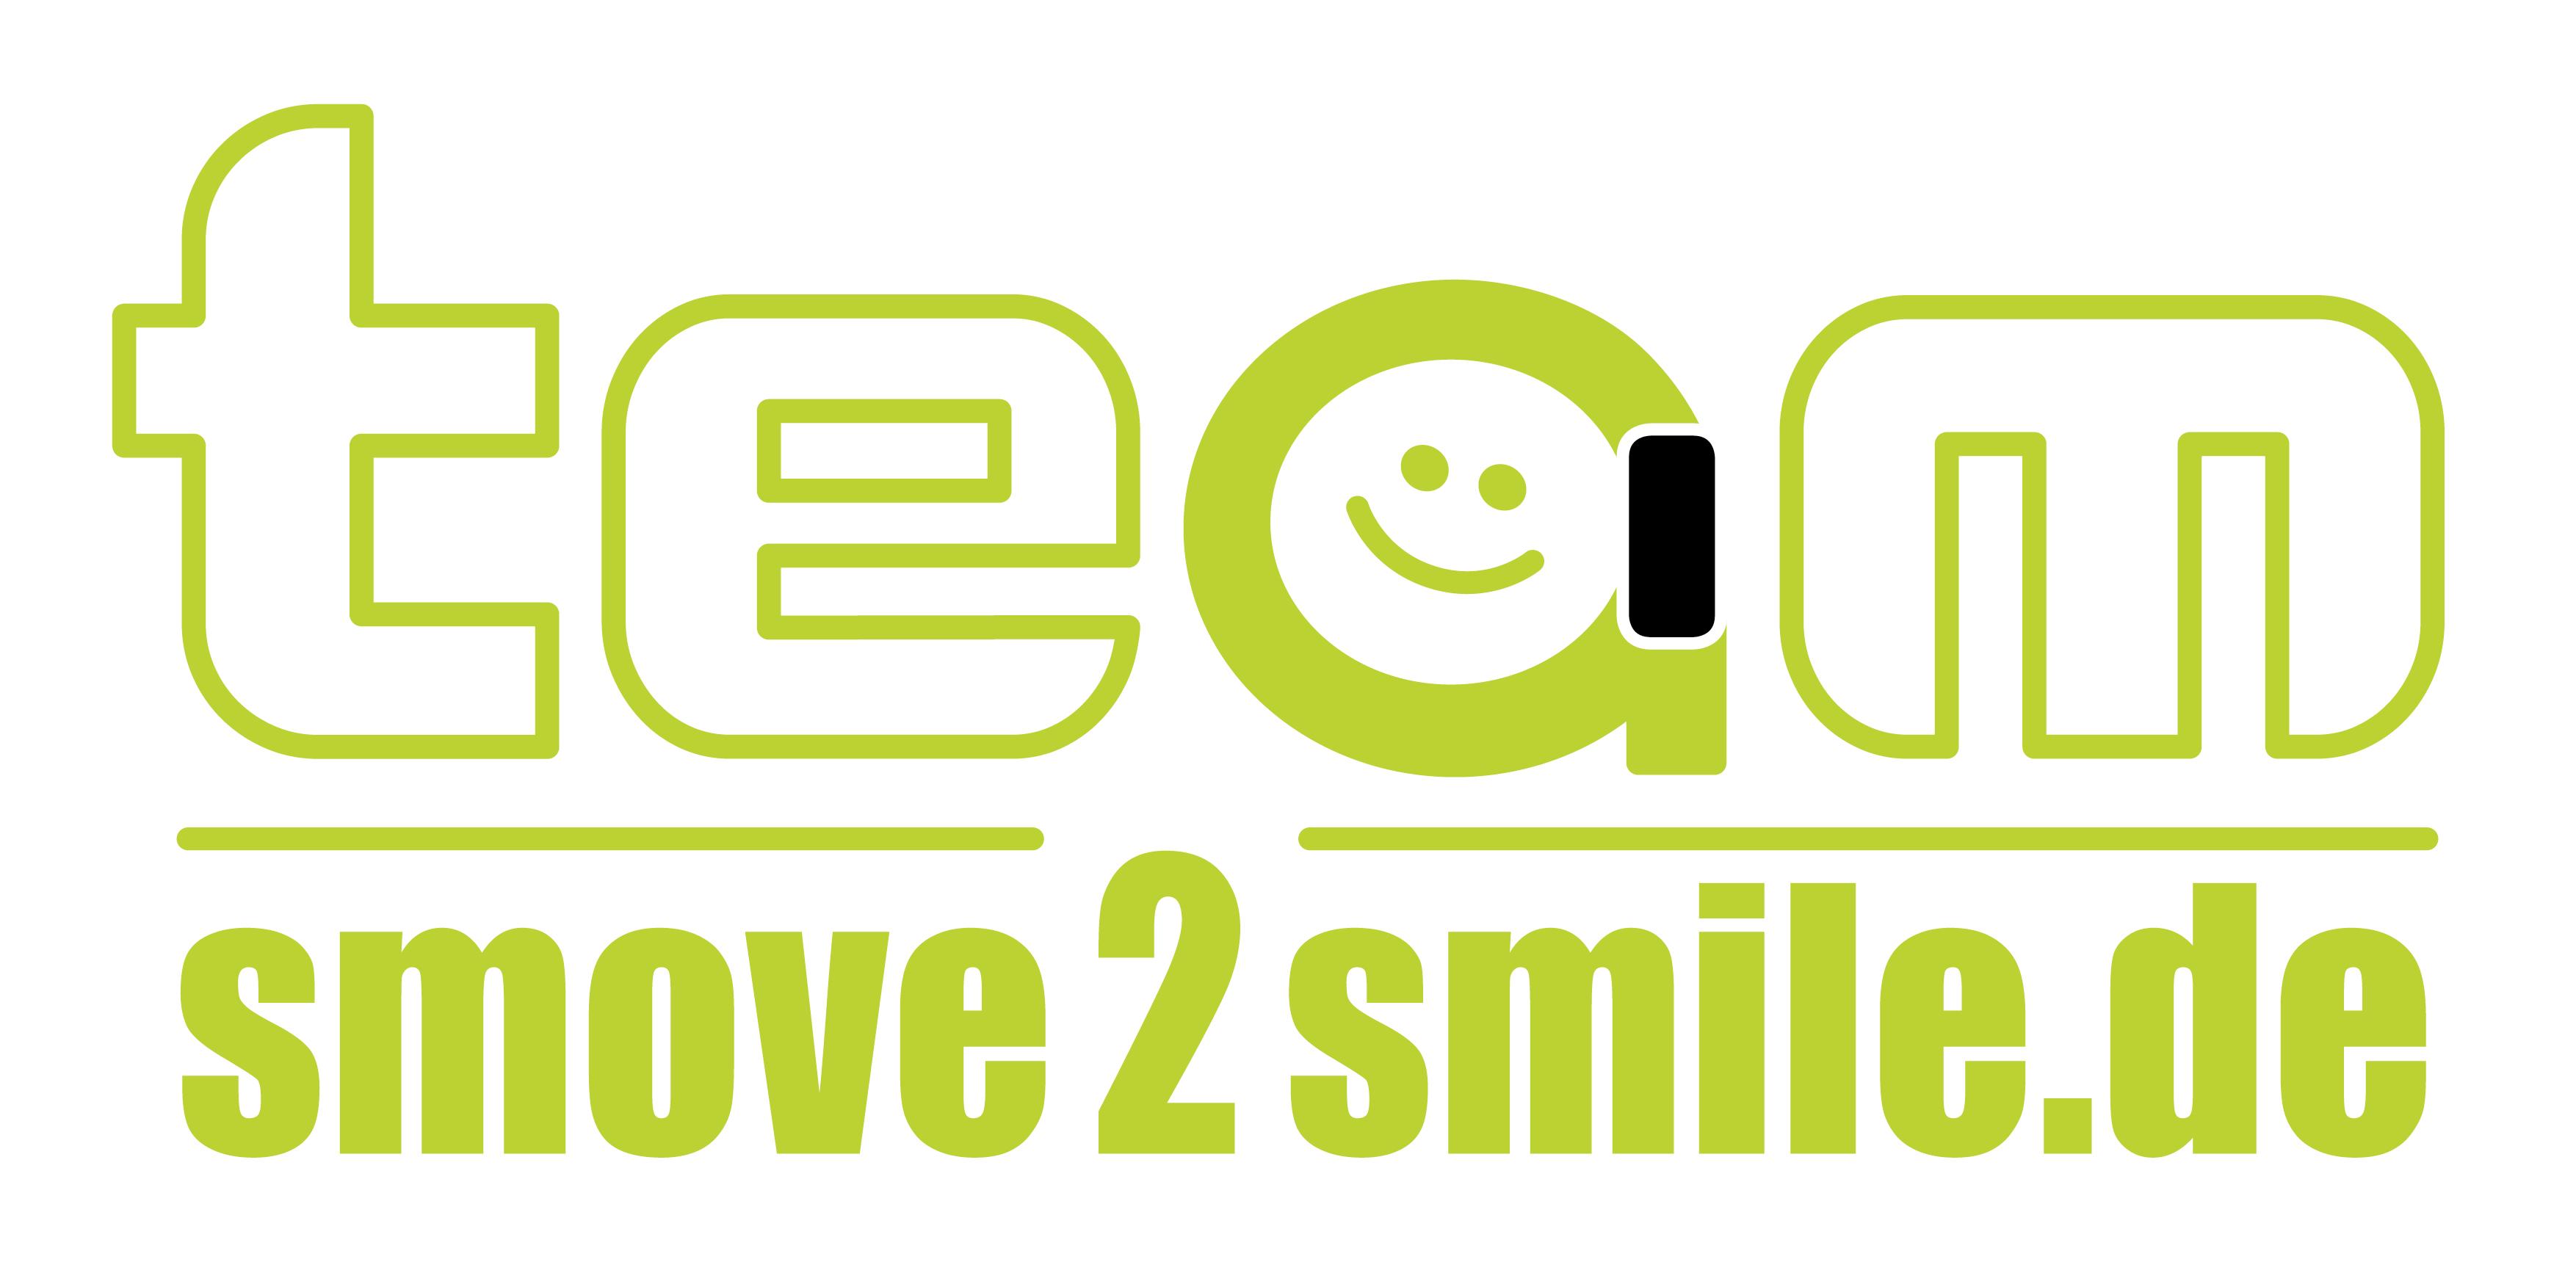 160630_s2s_Logo_03_300dpi